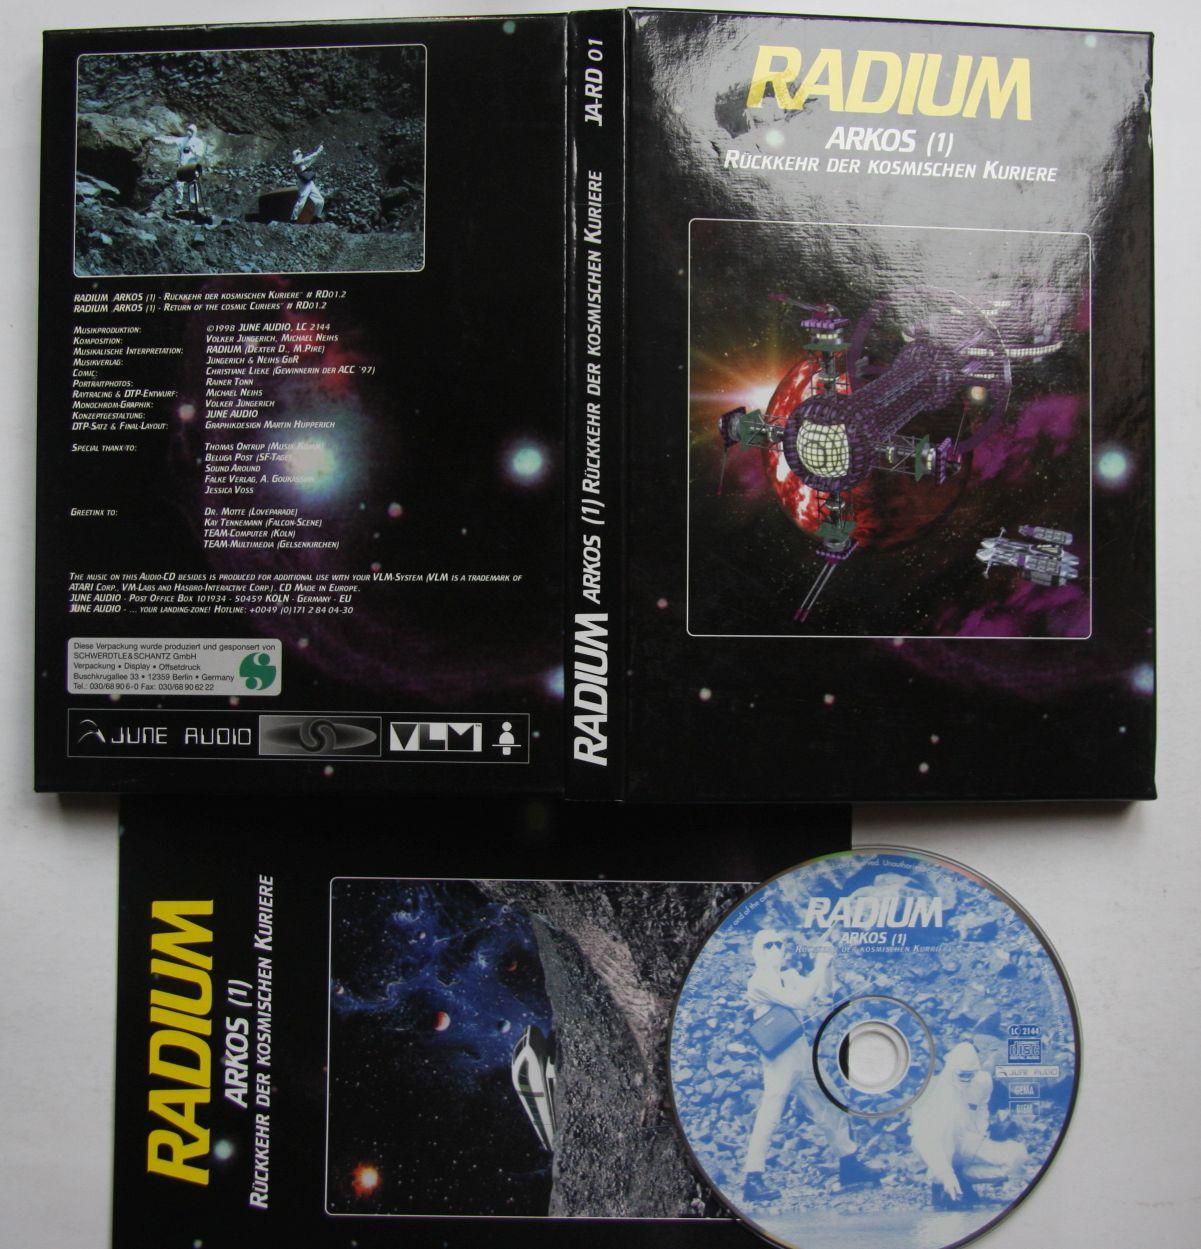 Radium - Arkos Rückkehr Der Kosmischen Kuriere